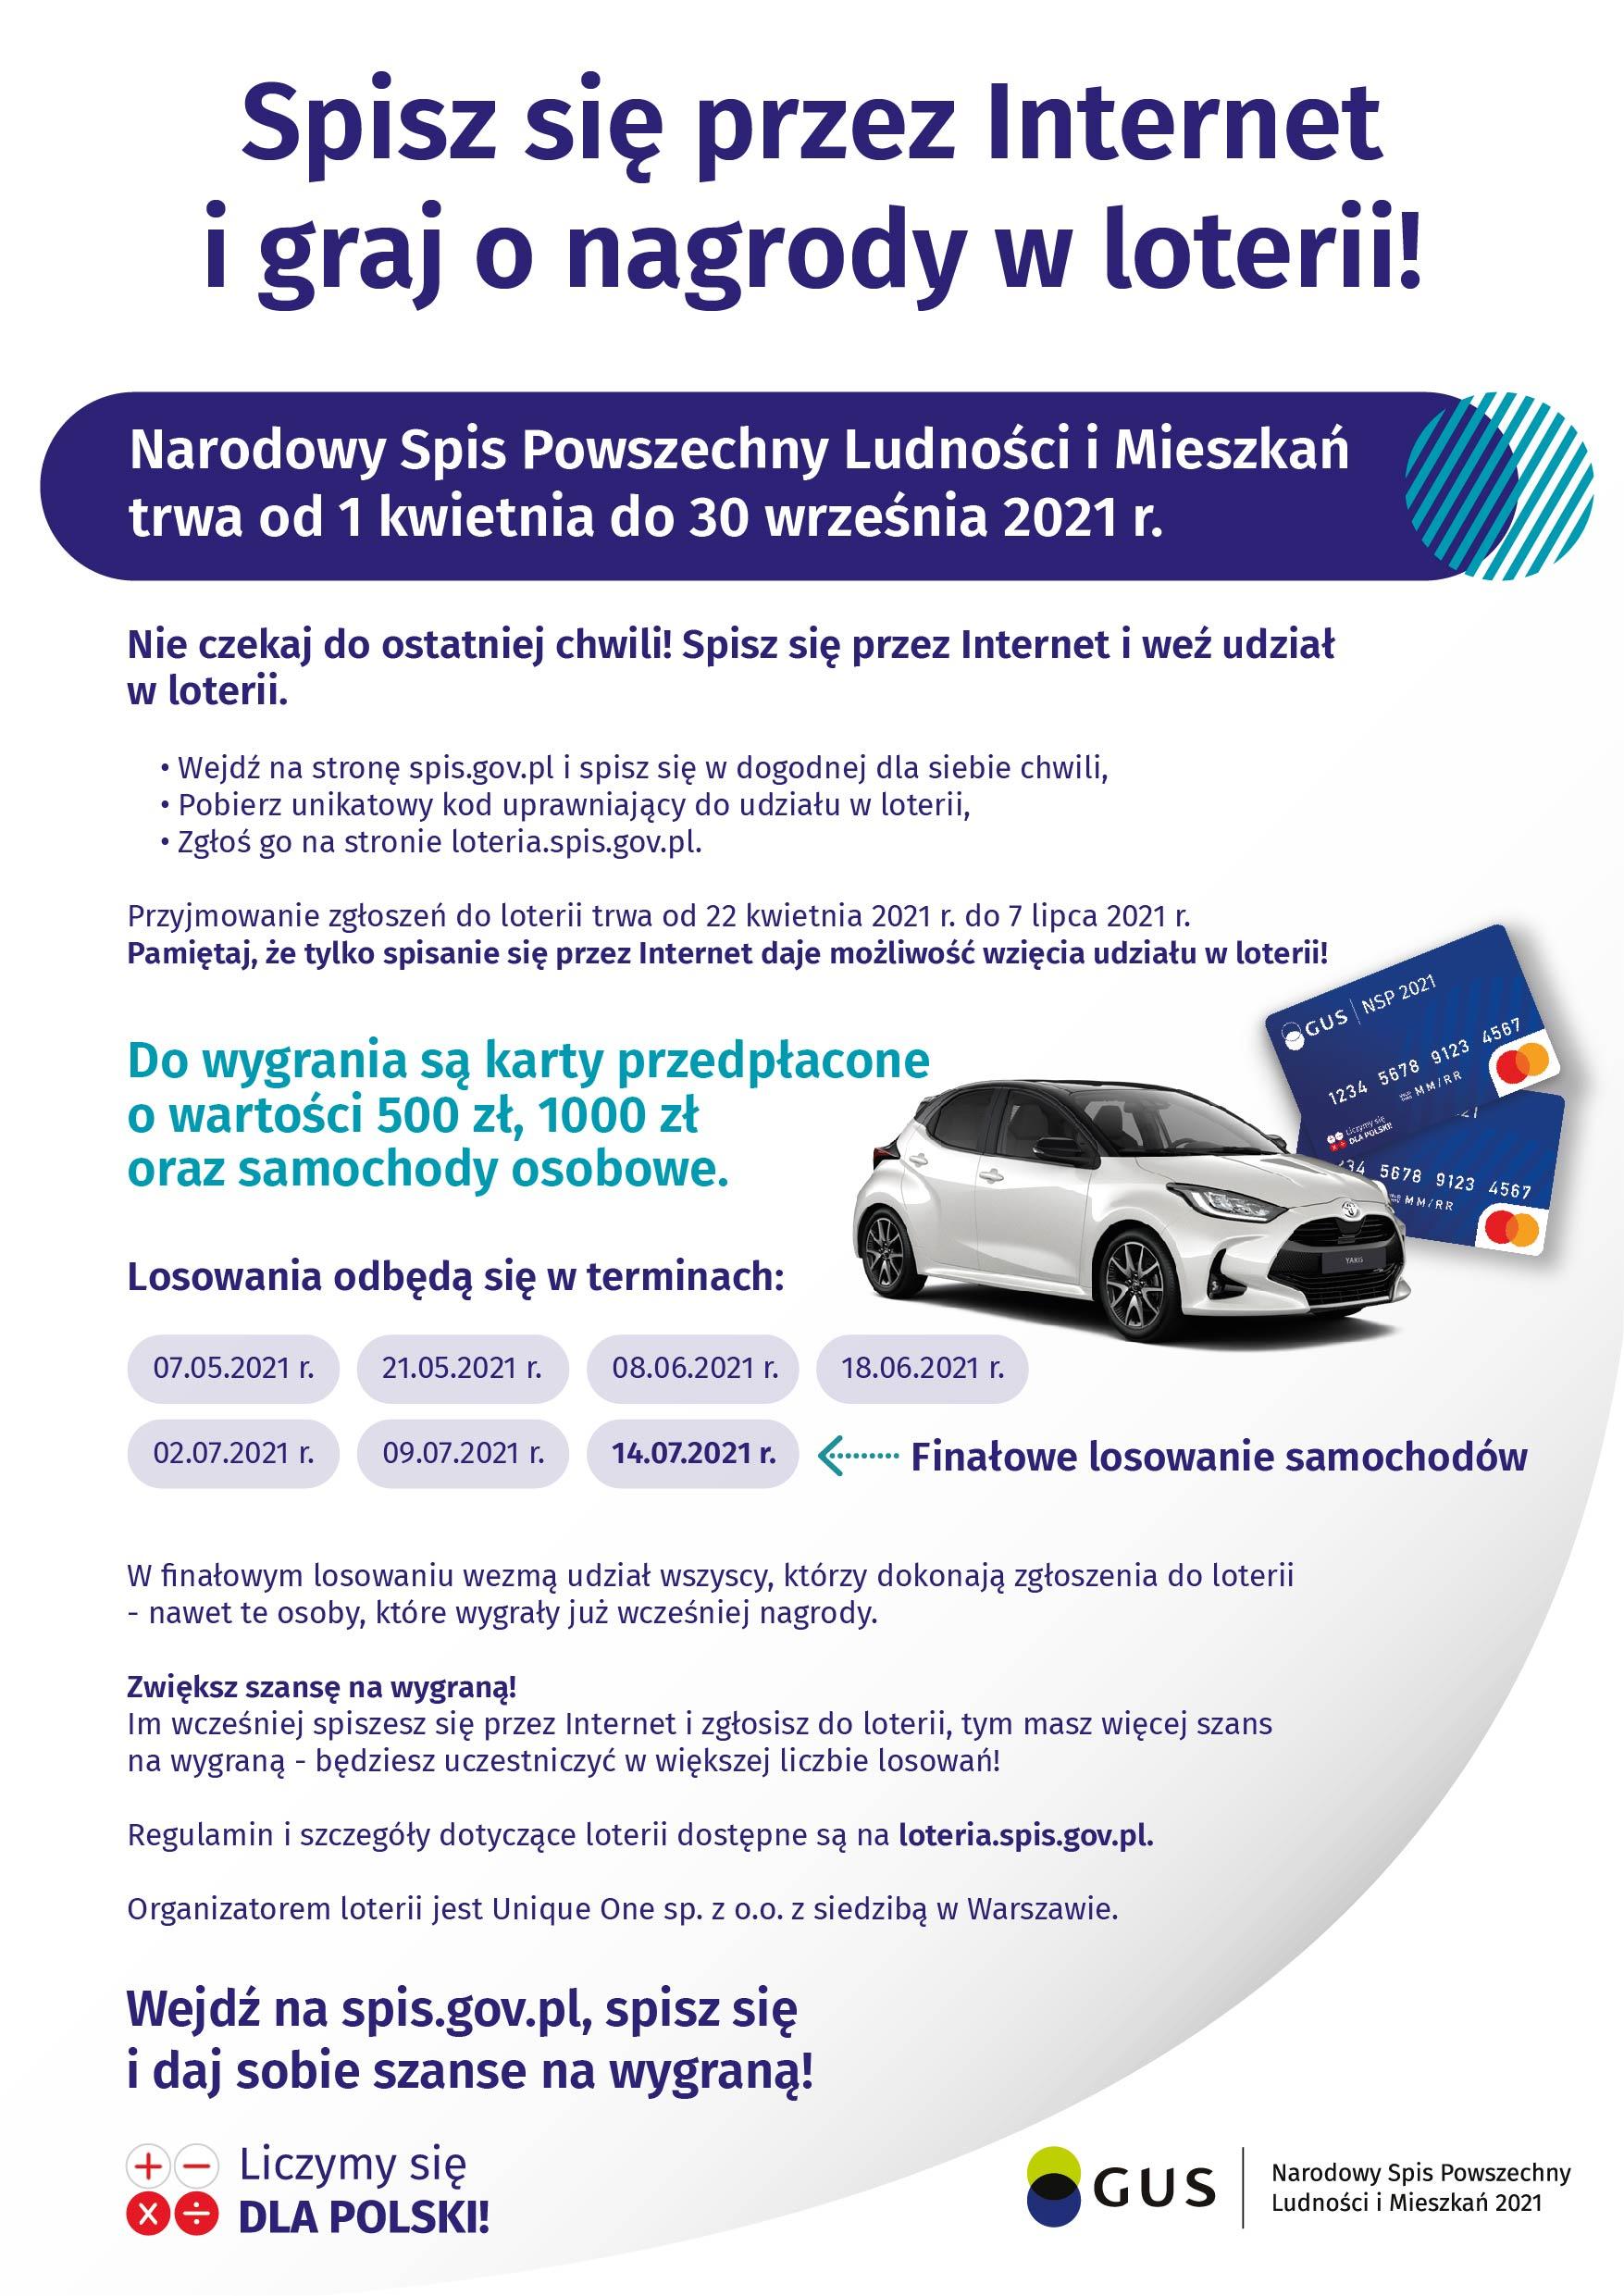 Informacja promocyjna dotycząca loterii z nagrodami przy NSP 2021